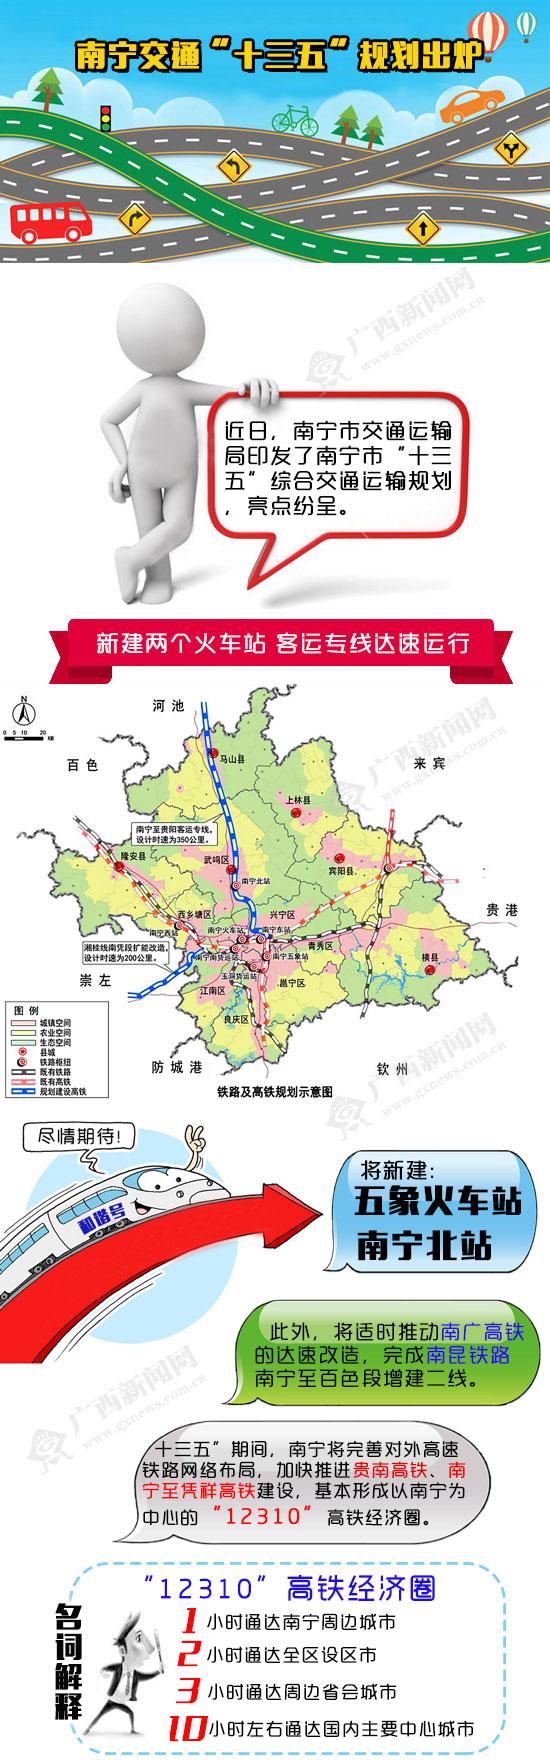 """【桂刊】南宁交通""""十三五""""规划出炉"""